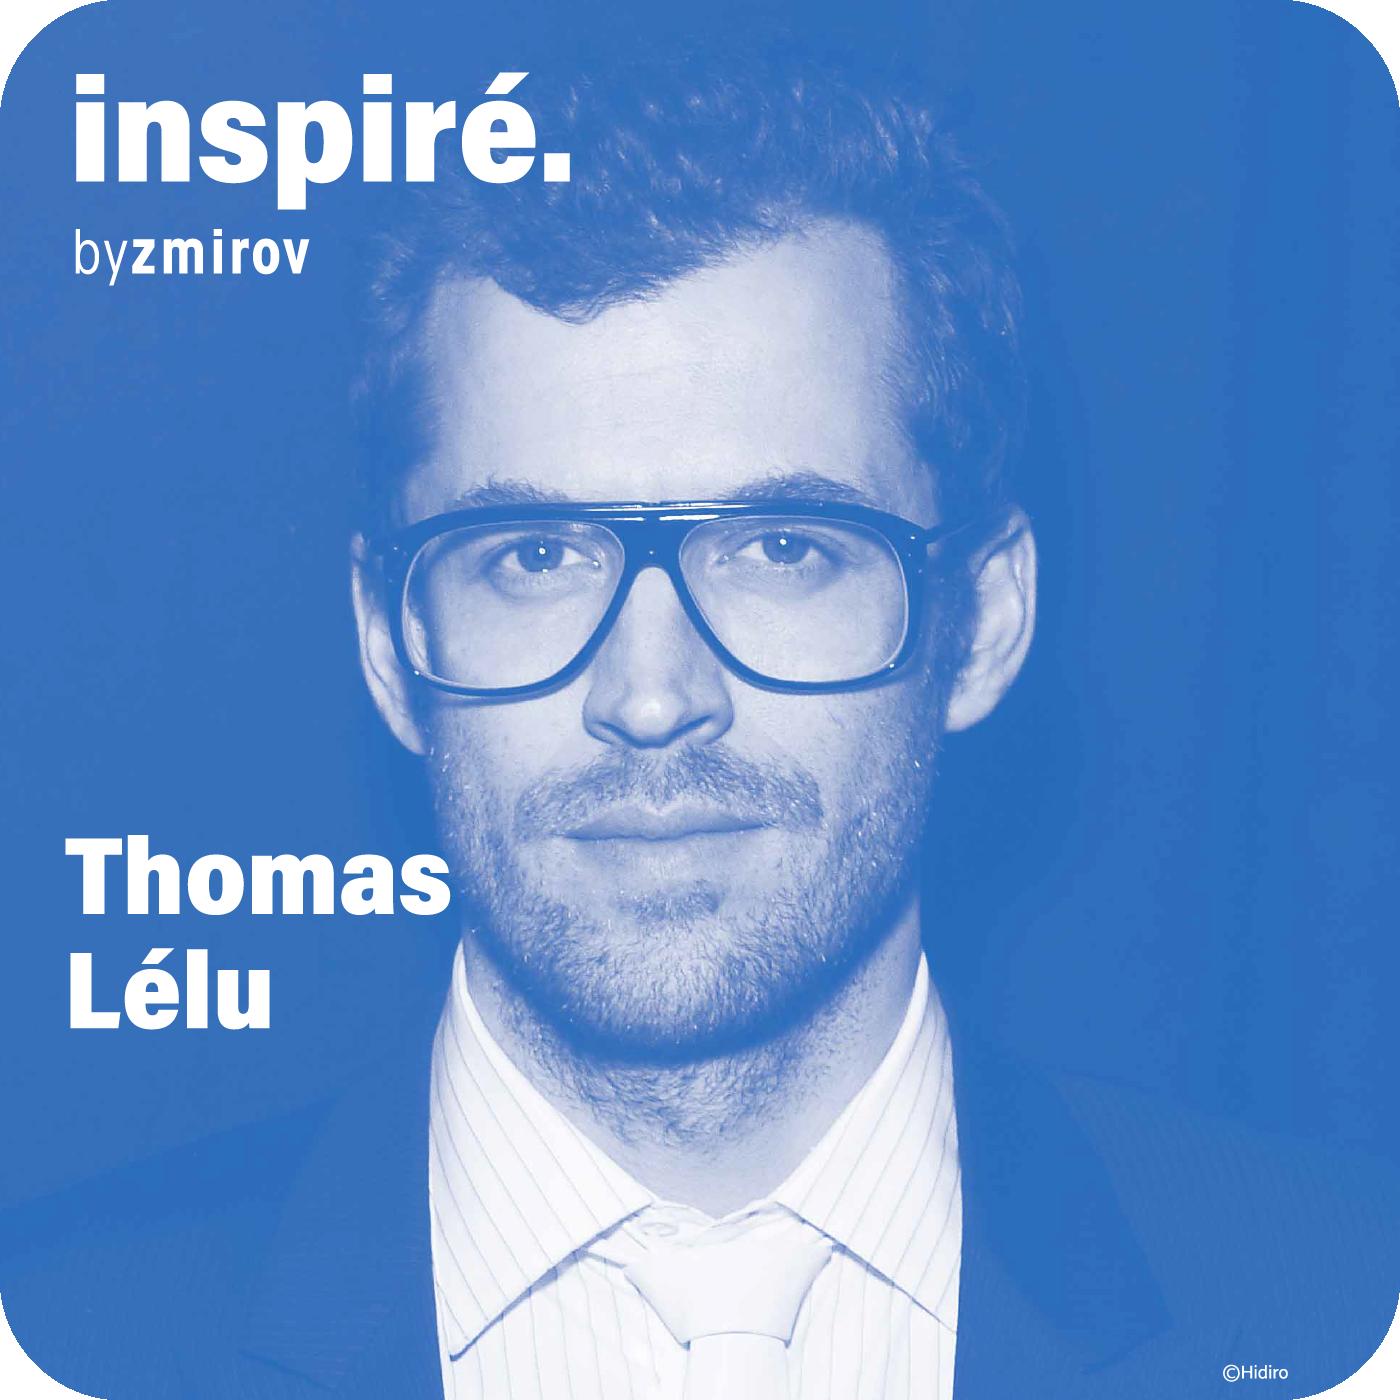 Thomas Lélu